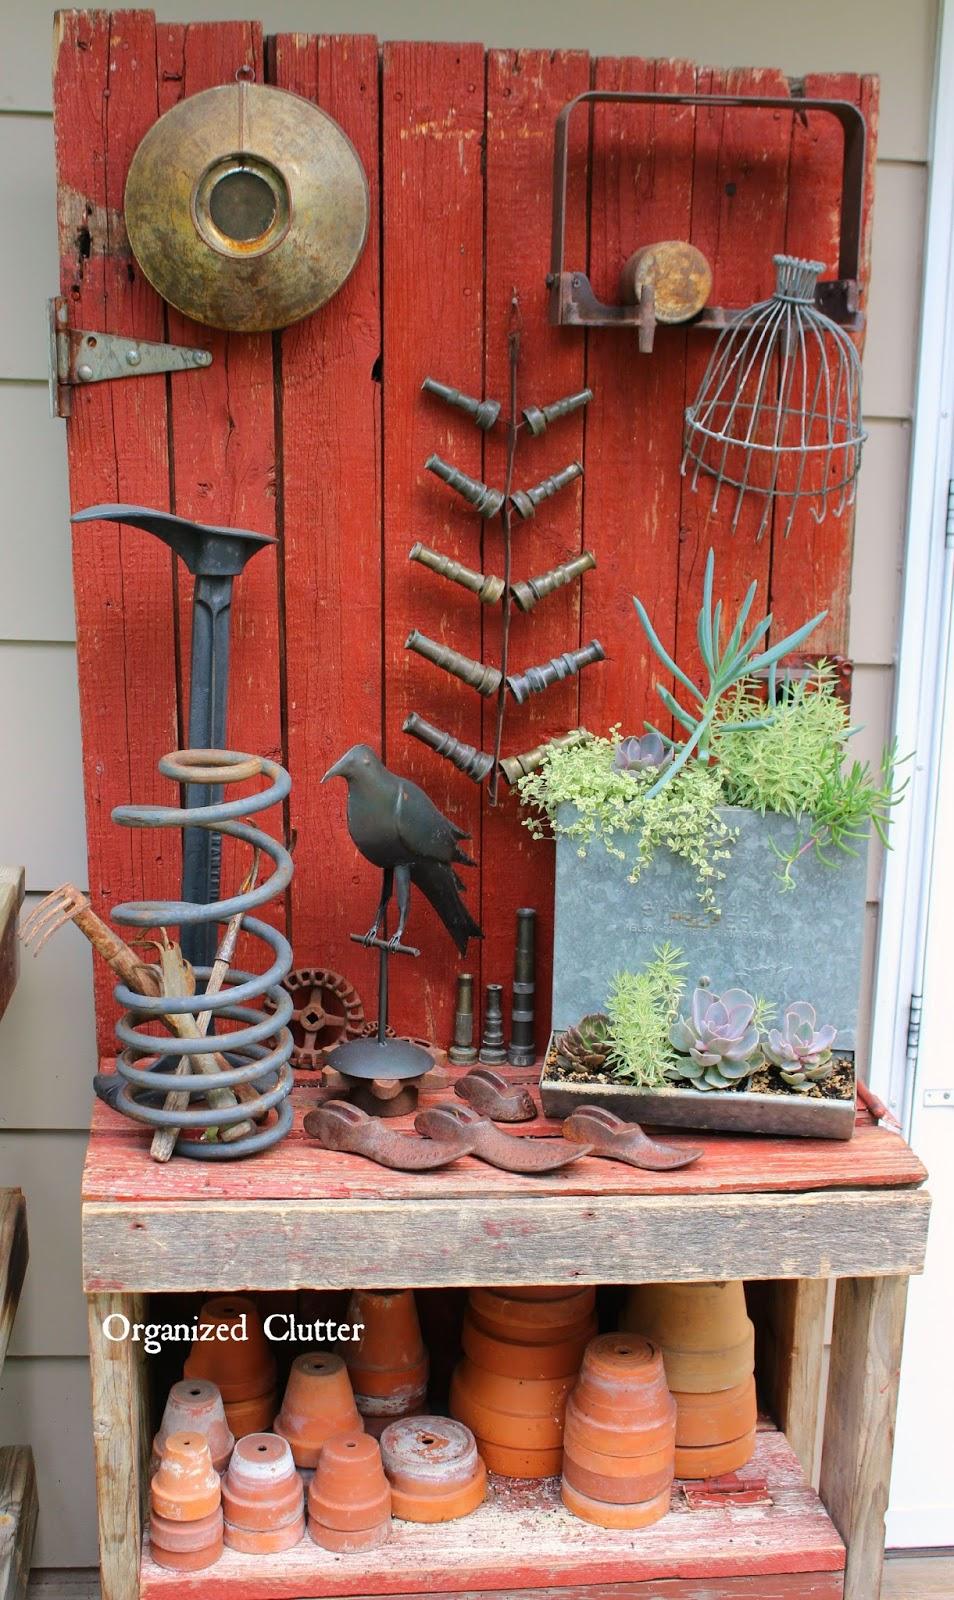 Dana S Fun Outdoor Junk Decor Amp Gardens Organized Clutter